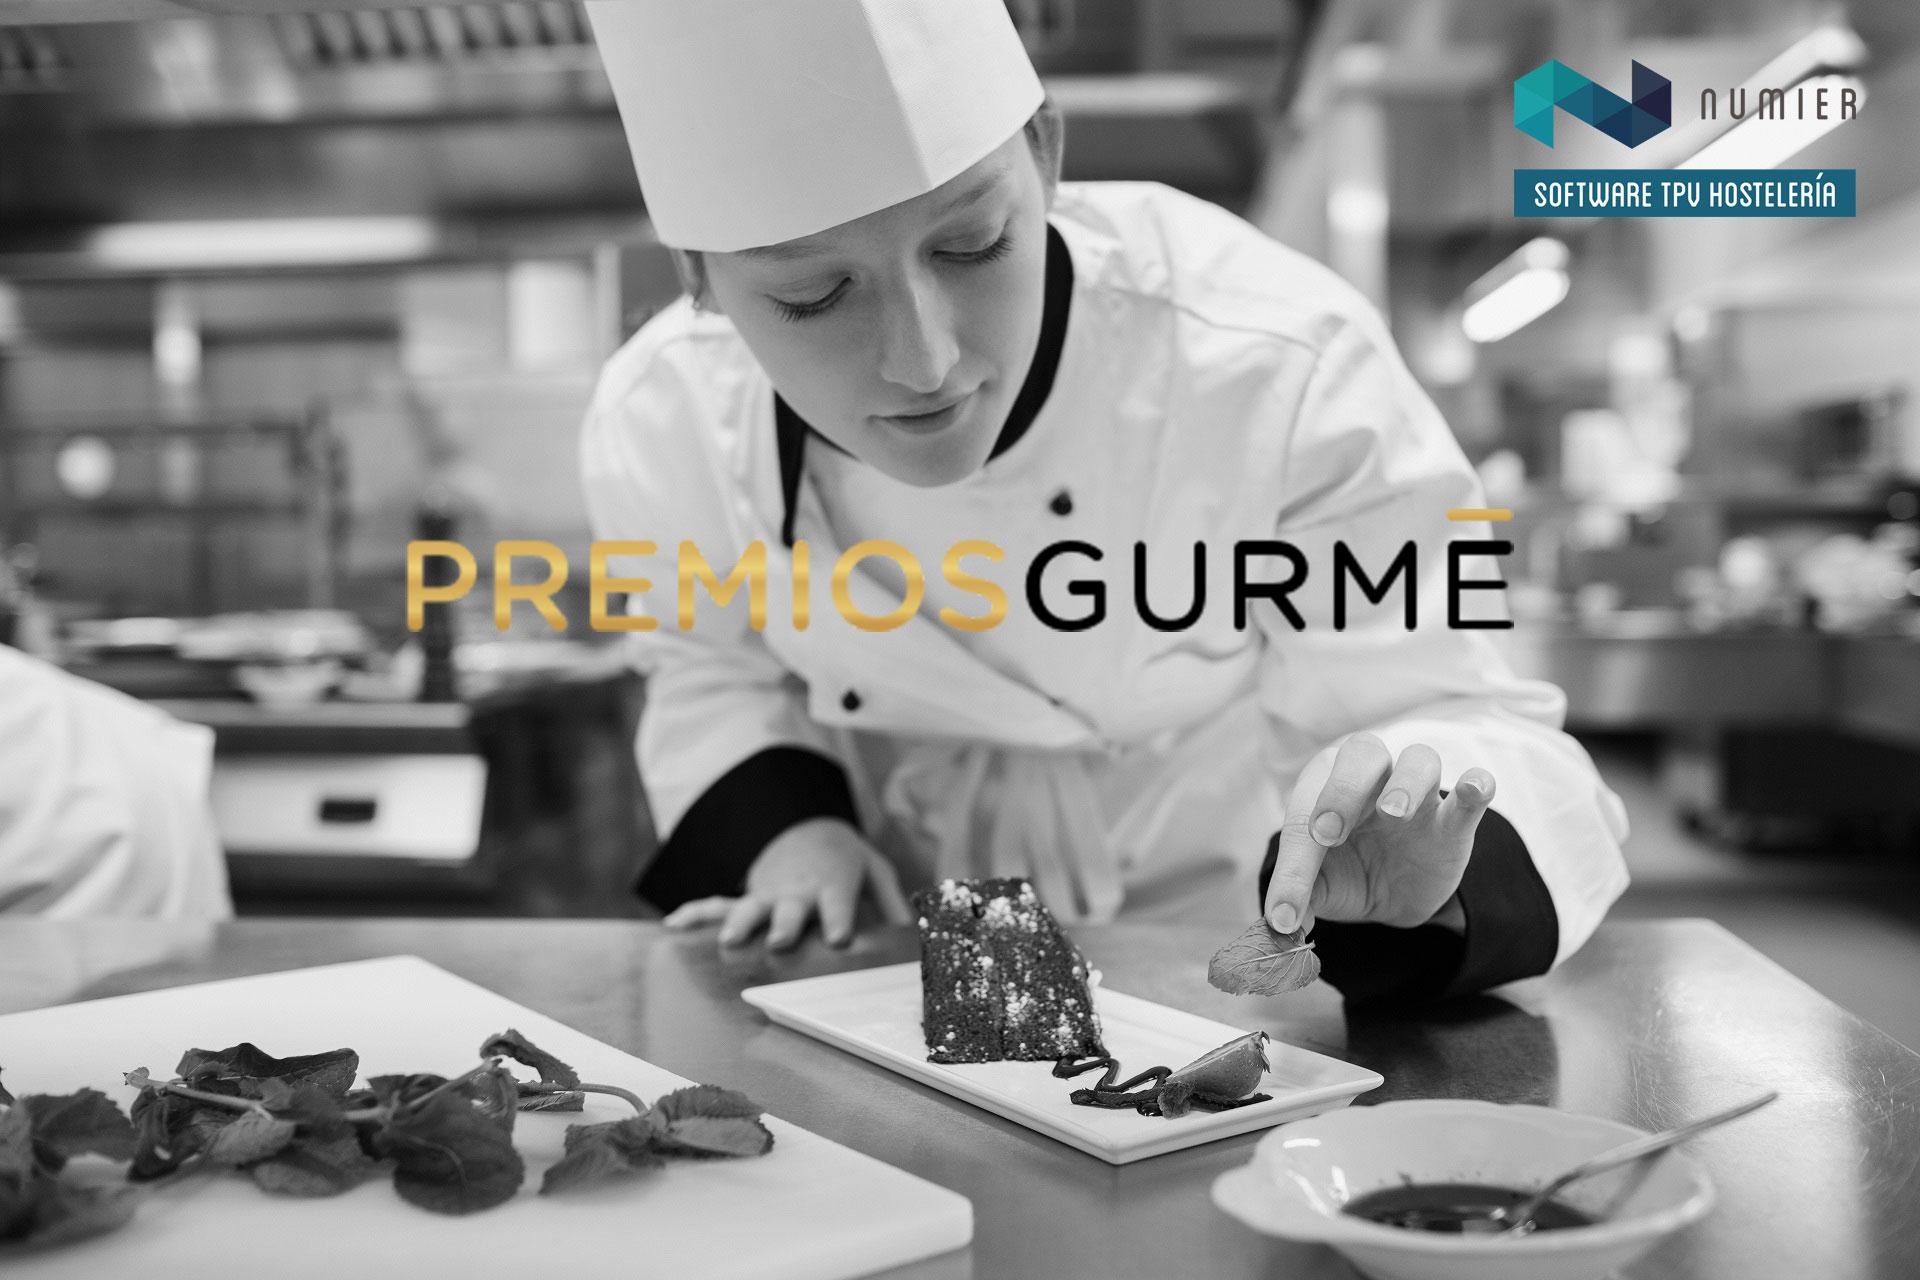 Numier TPV colaborador de los Premios Gurmé de Sevilla 2019 de ABC